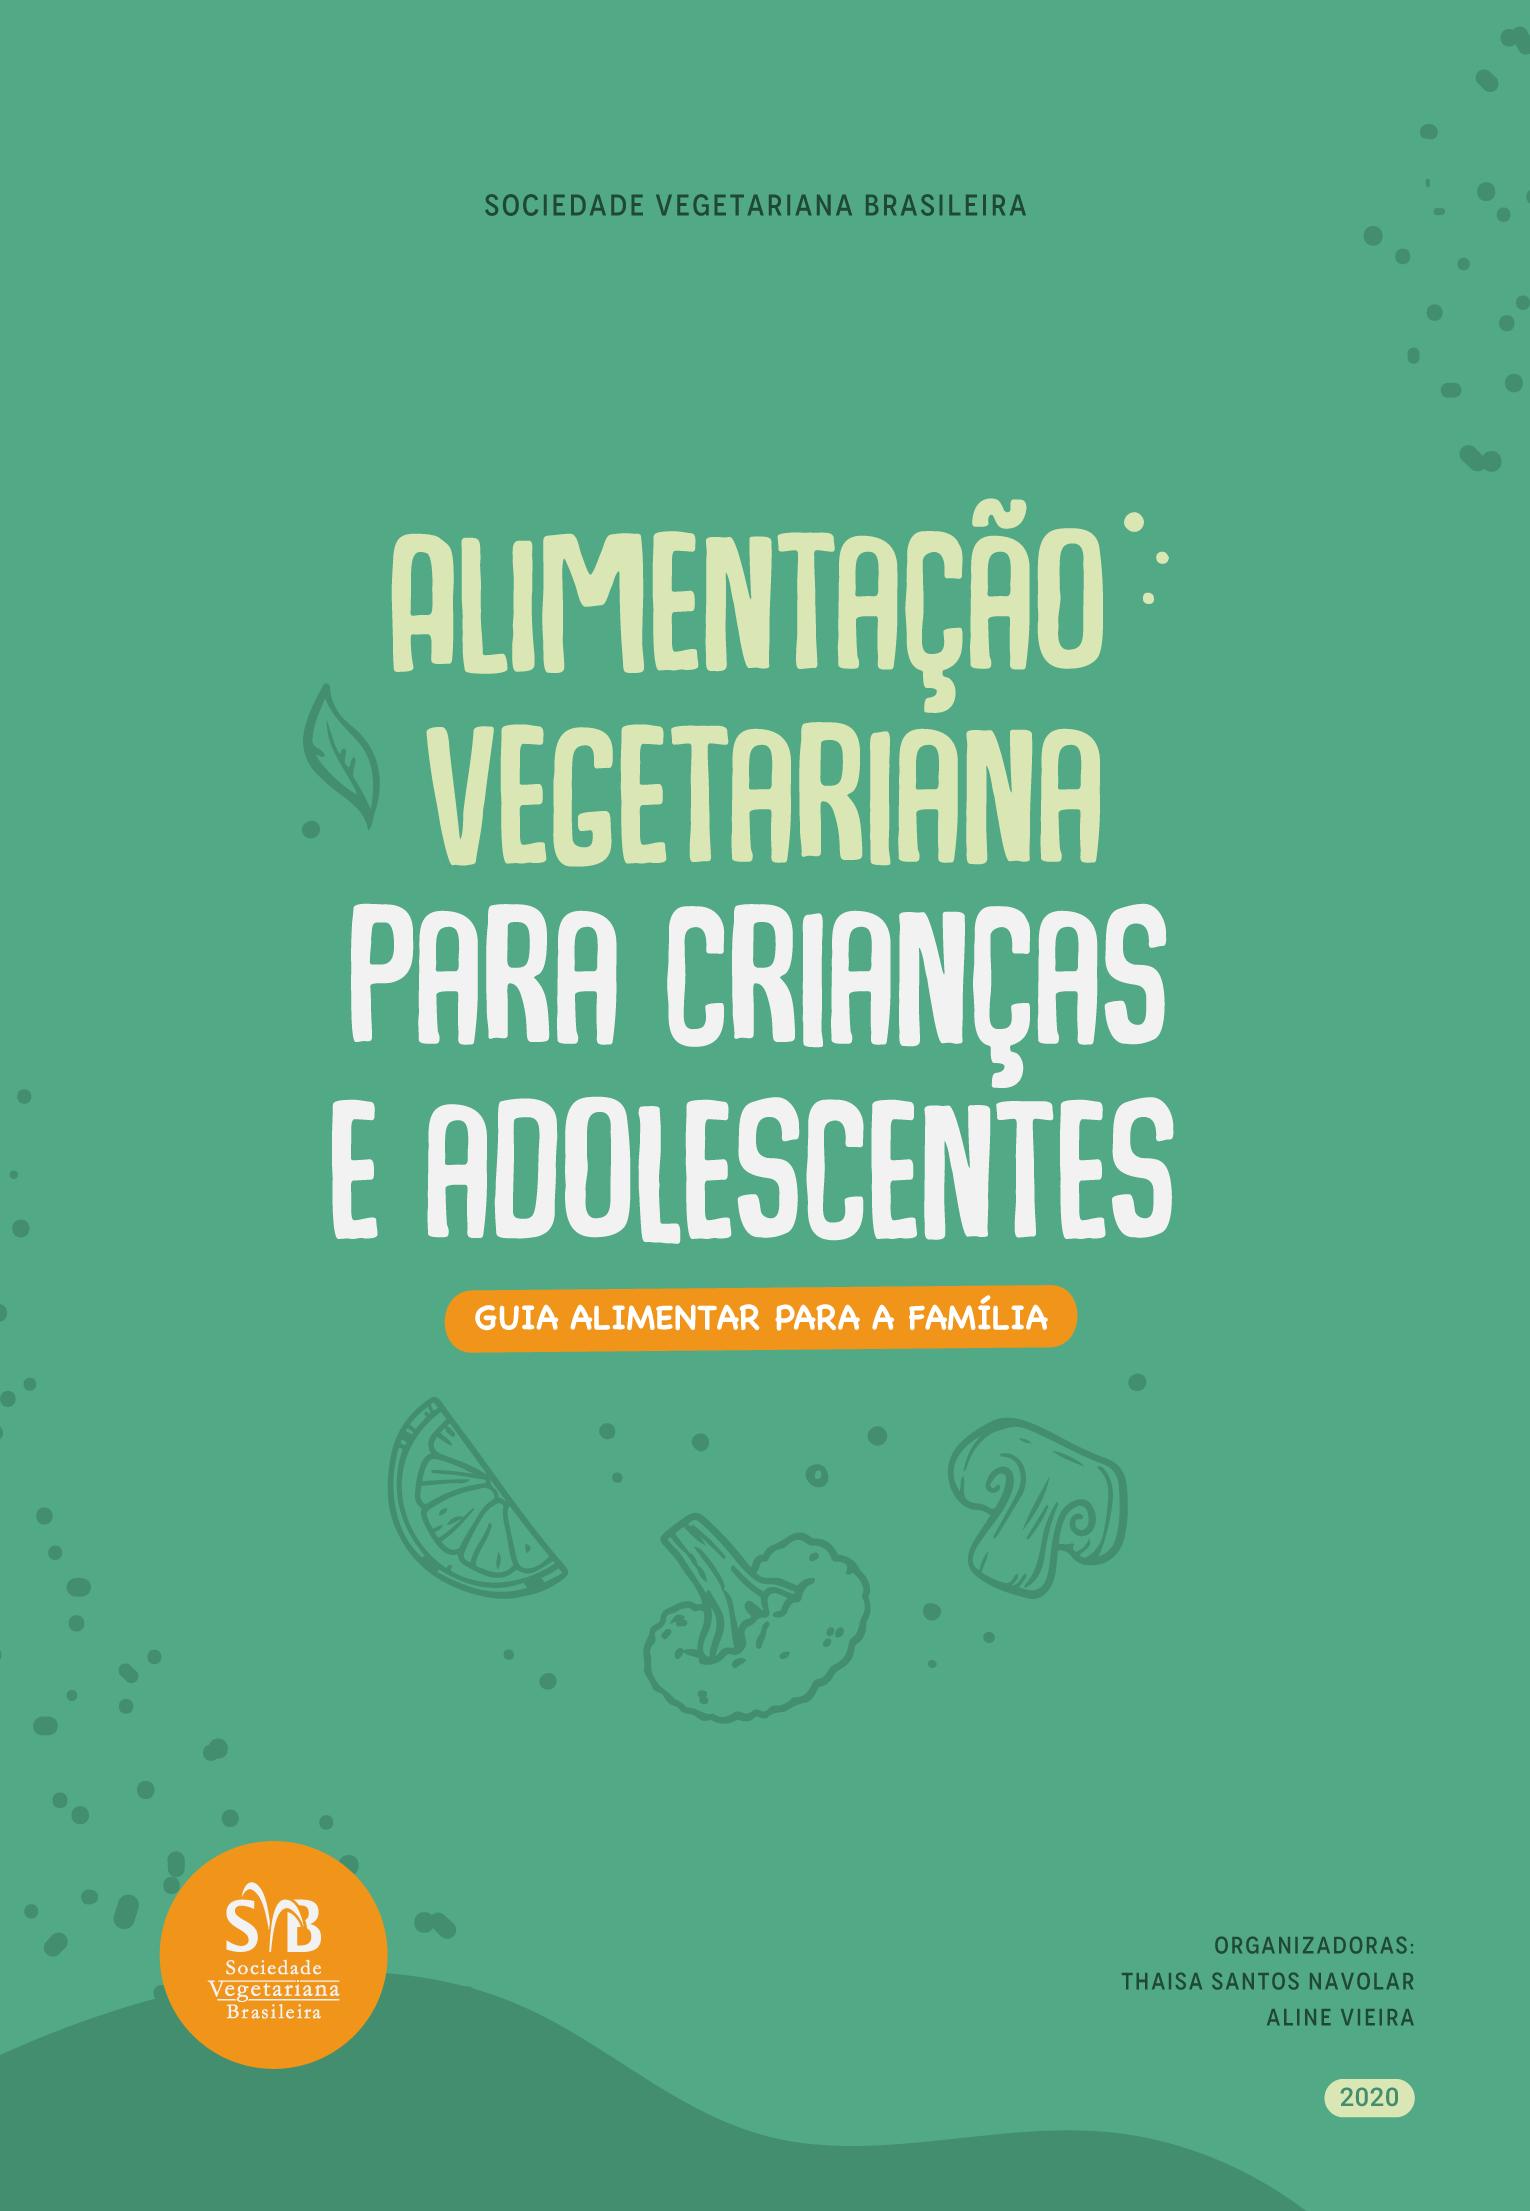 alimentação-vegetariana-para-crianças-e-adolescentes